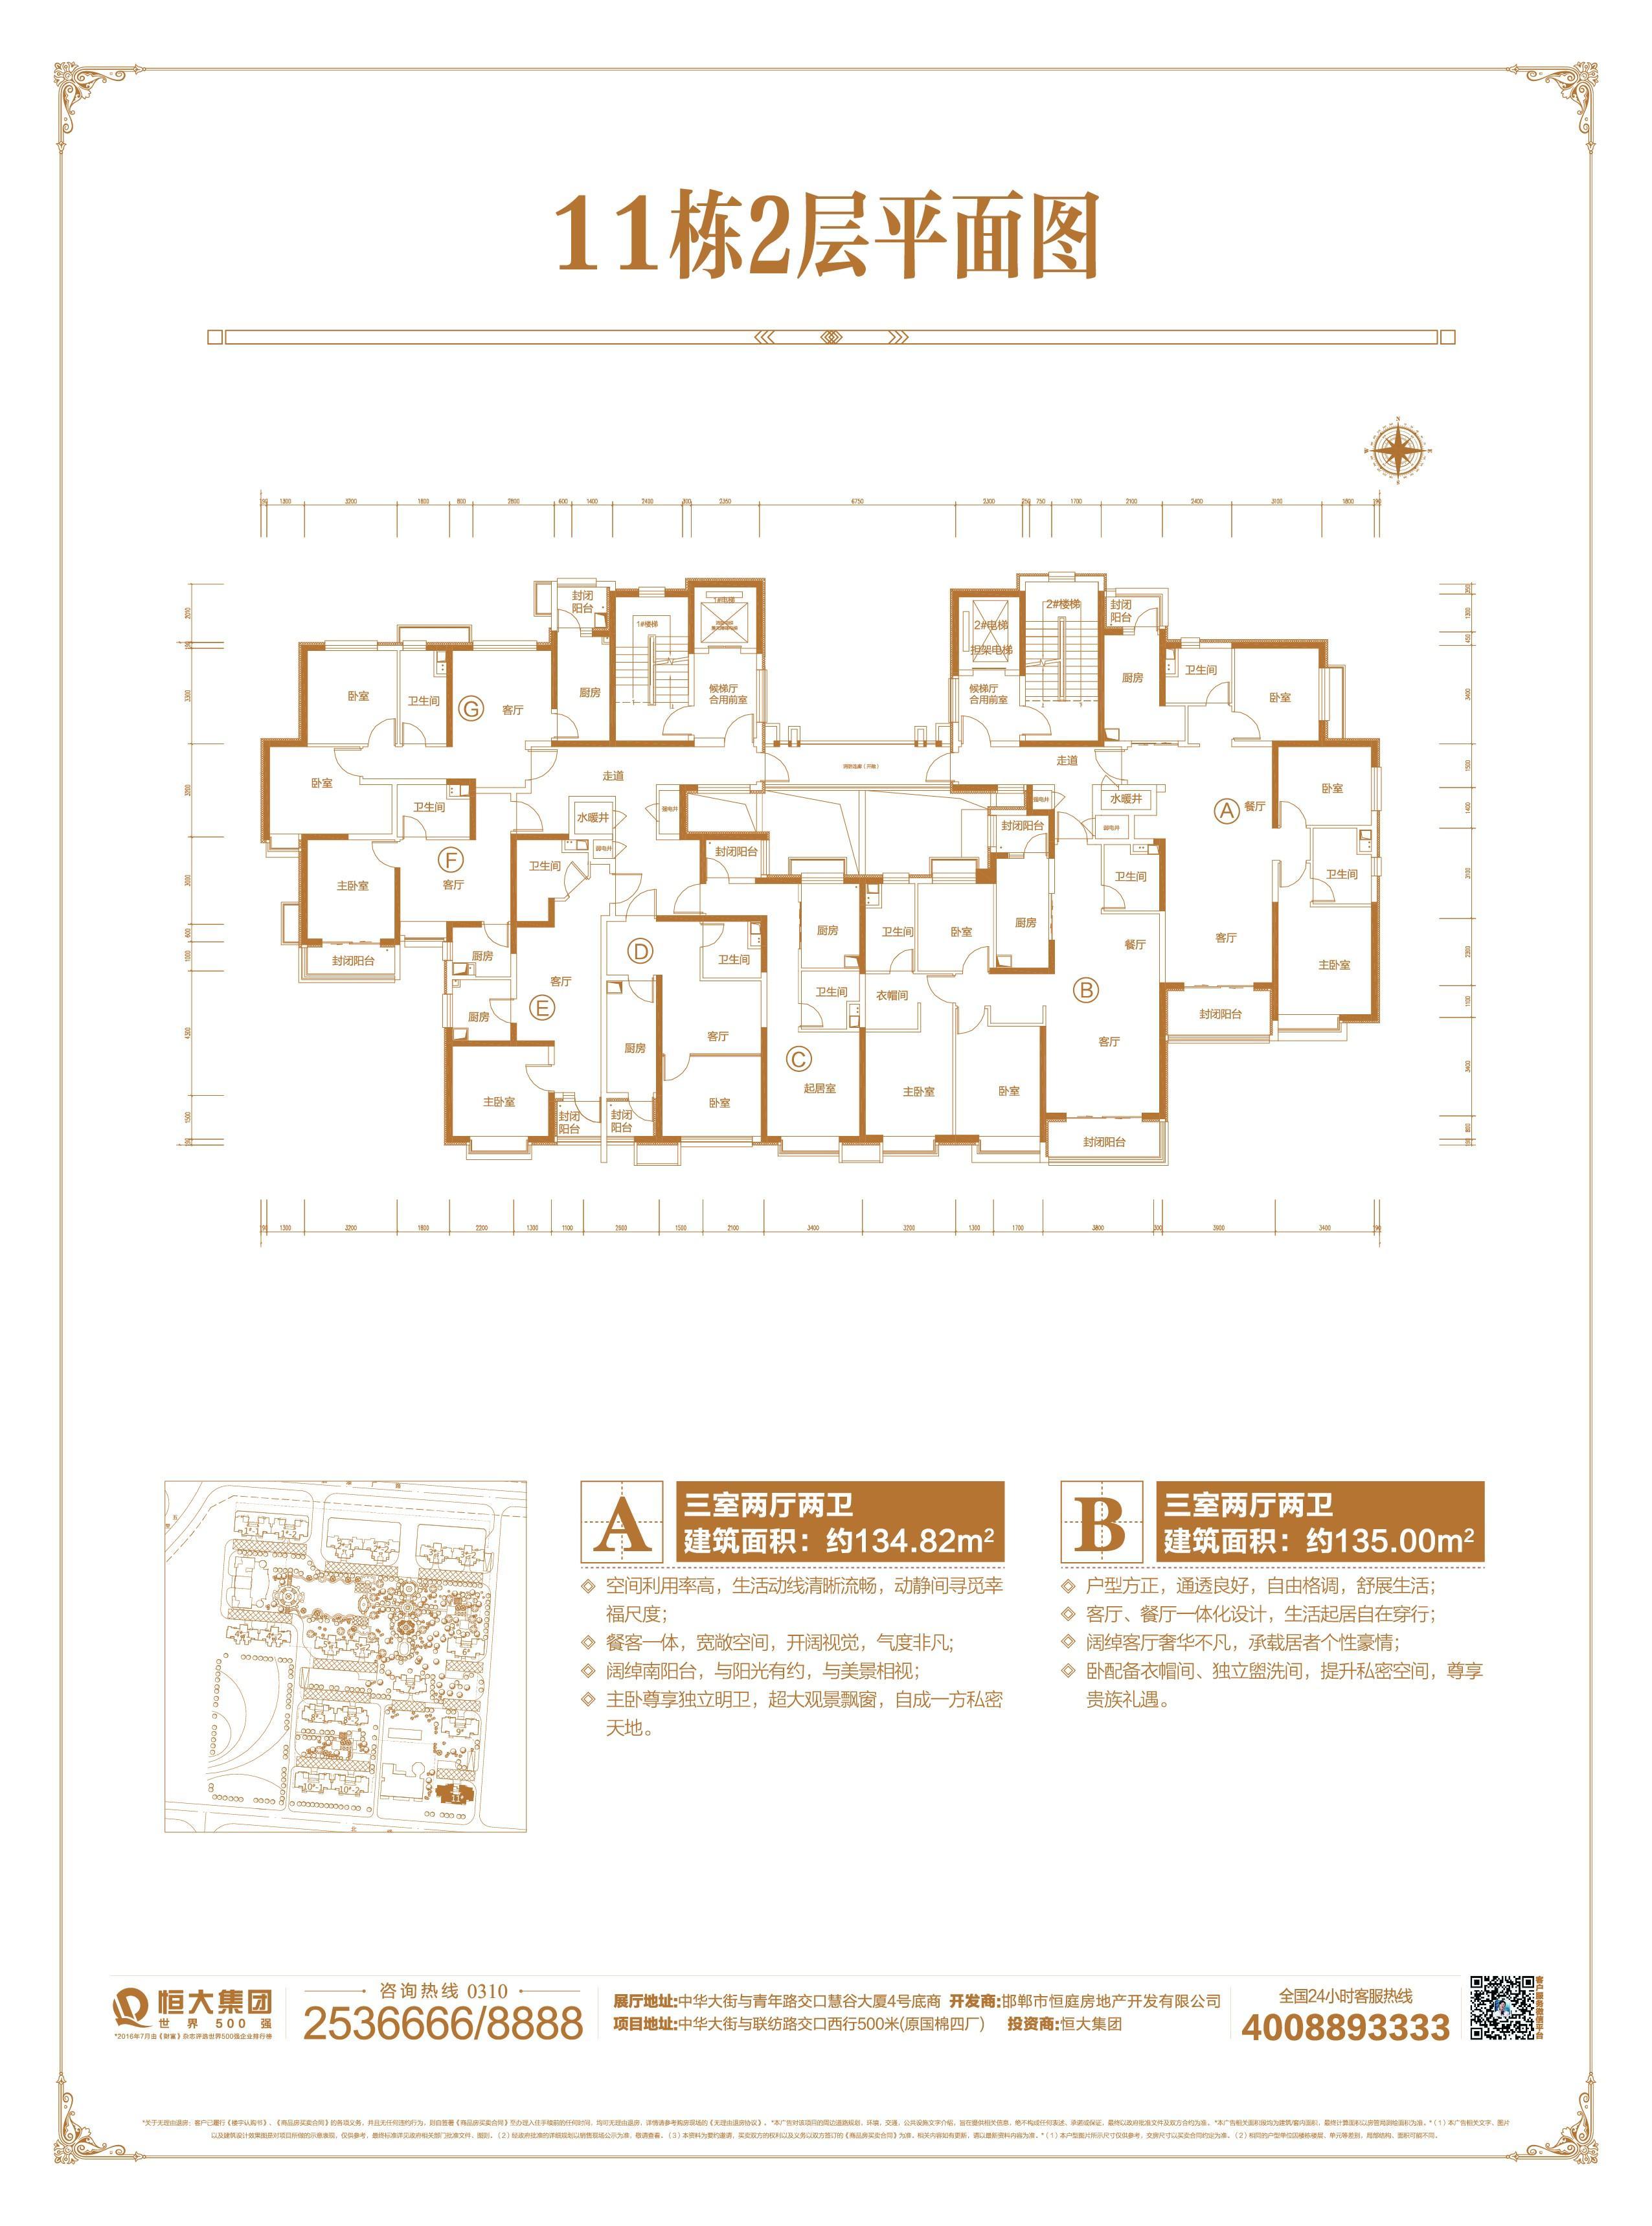 11栋2层平面图